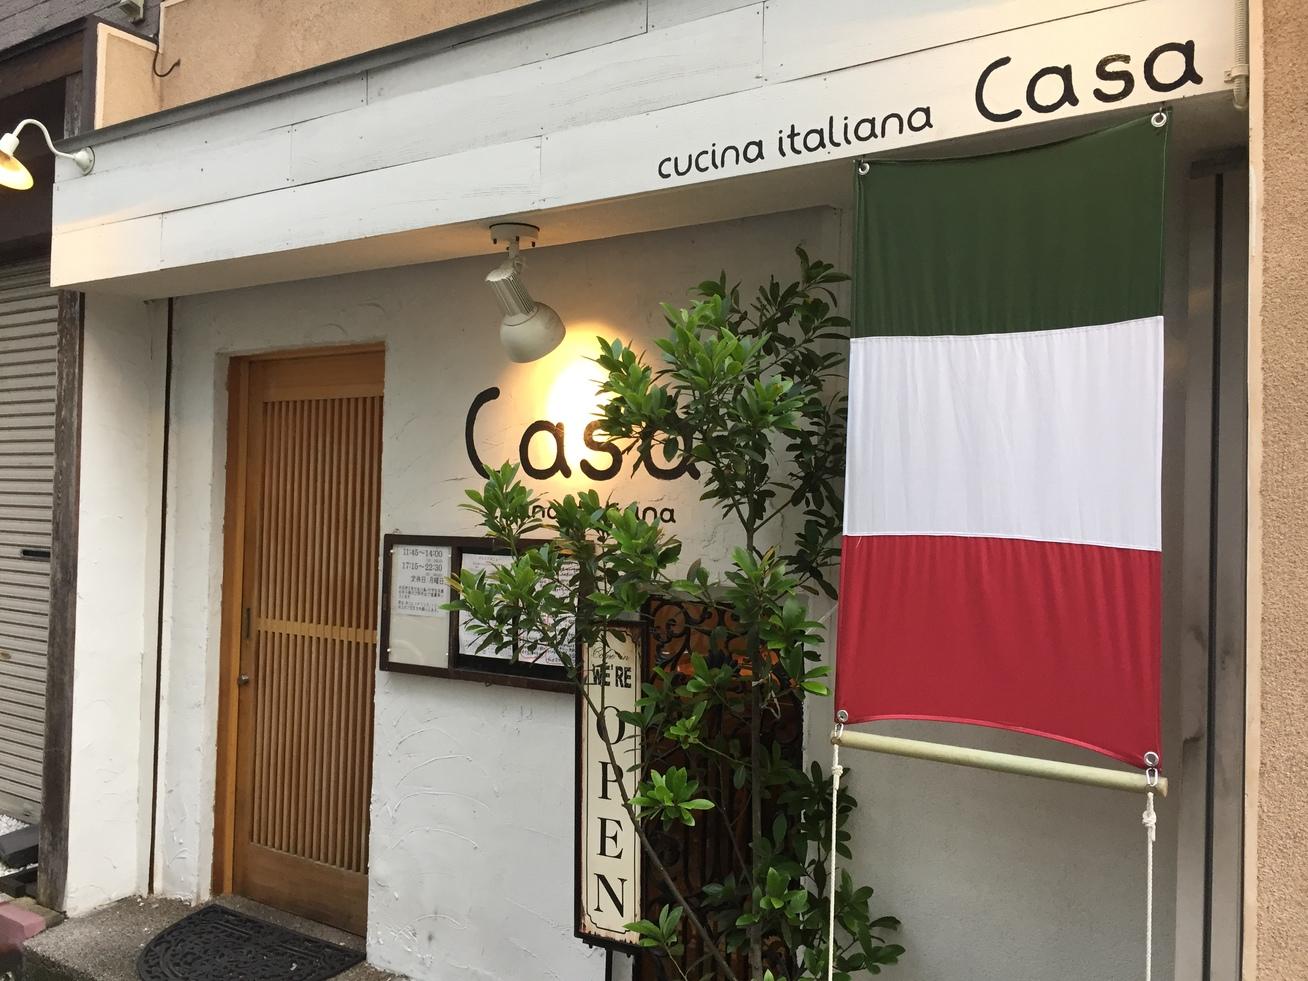 Cucina Italiana Casa